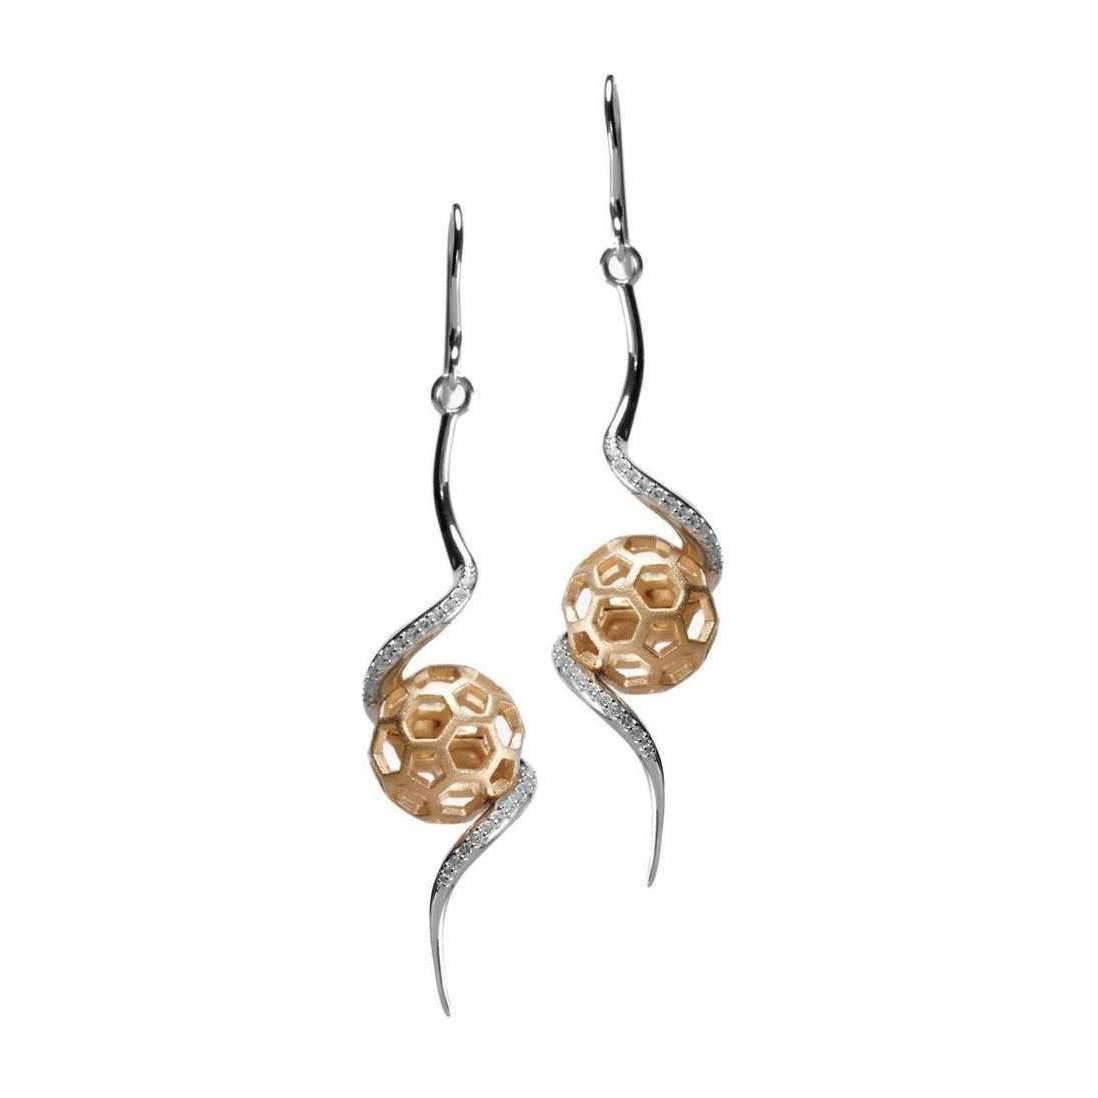 Gia Belloni Gold Polished Aeon Earrings gIH3Tg